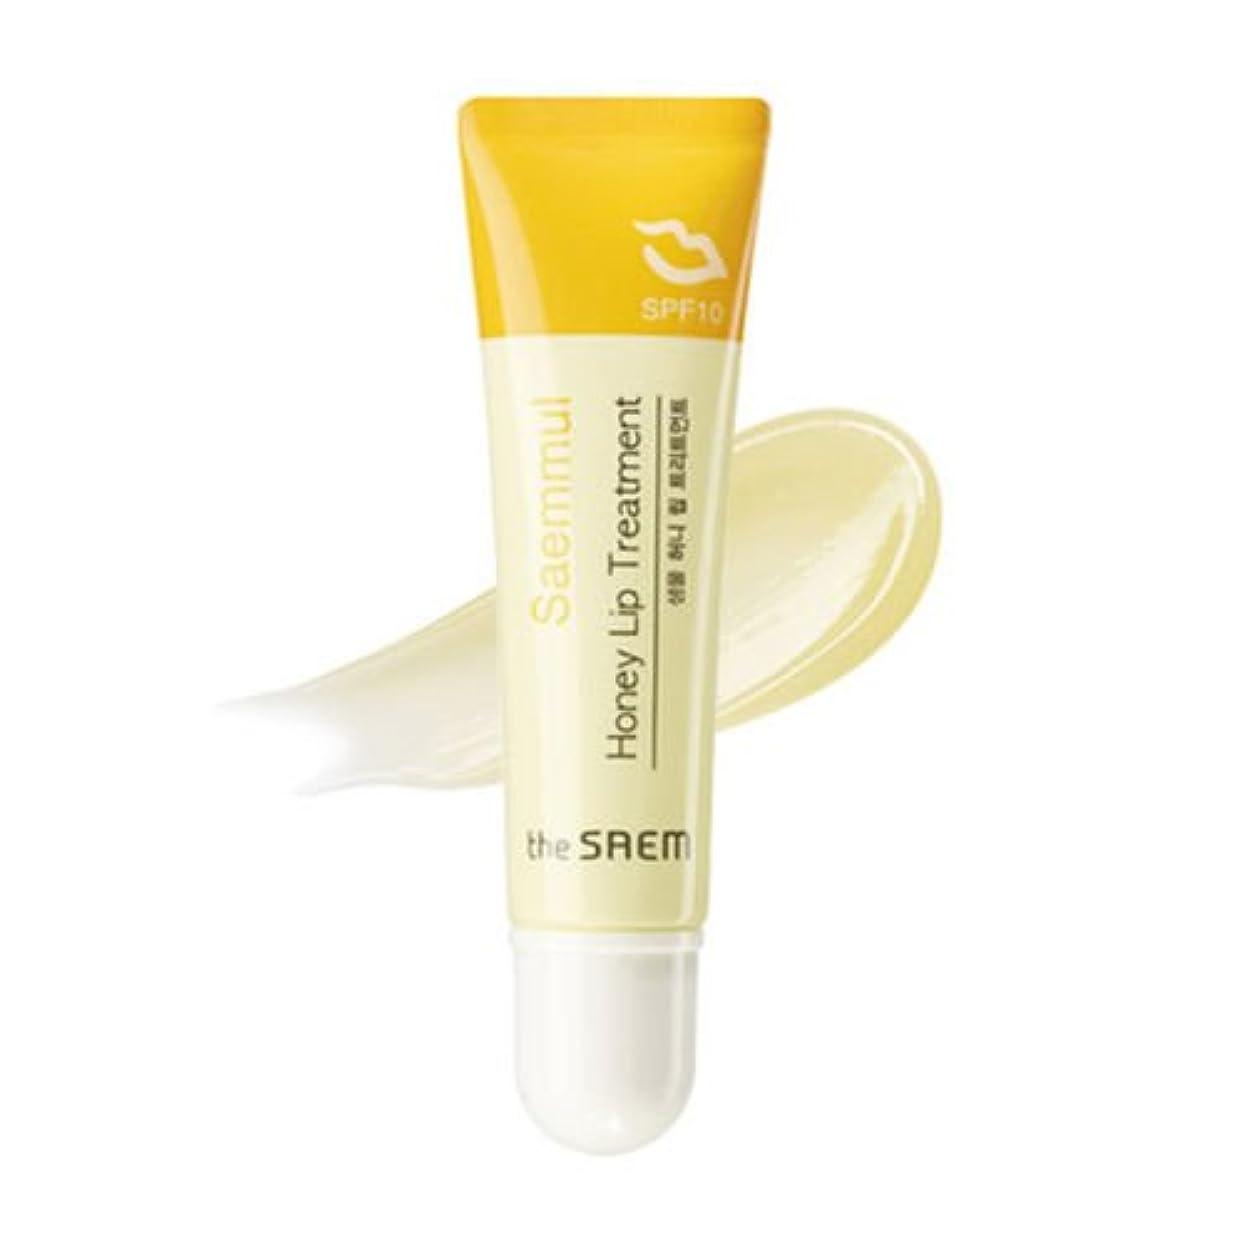 移動するコア移動するthe SAEM ザセム セムムル ハニー リップ トリートメント Saemmul Honey Lip Treatment 10ml 韓国コスメ